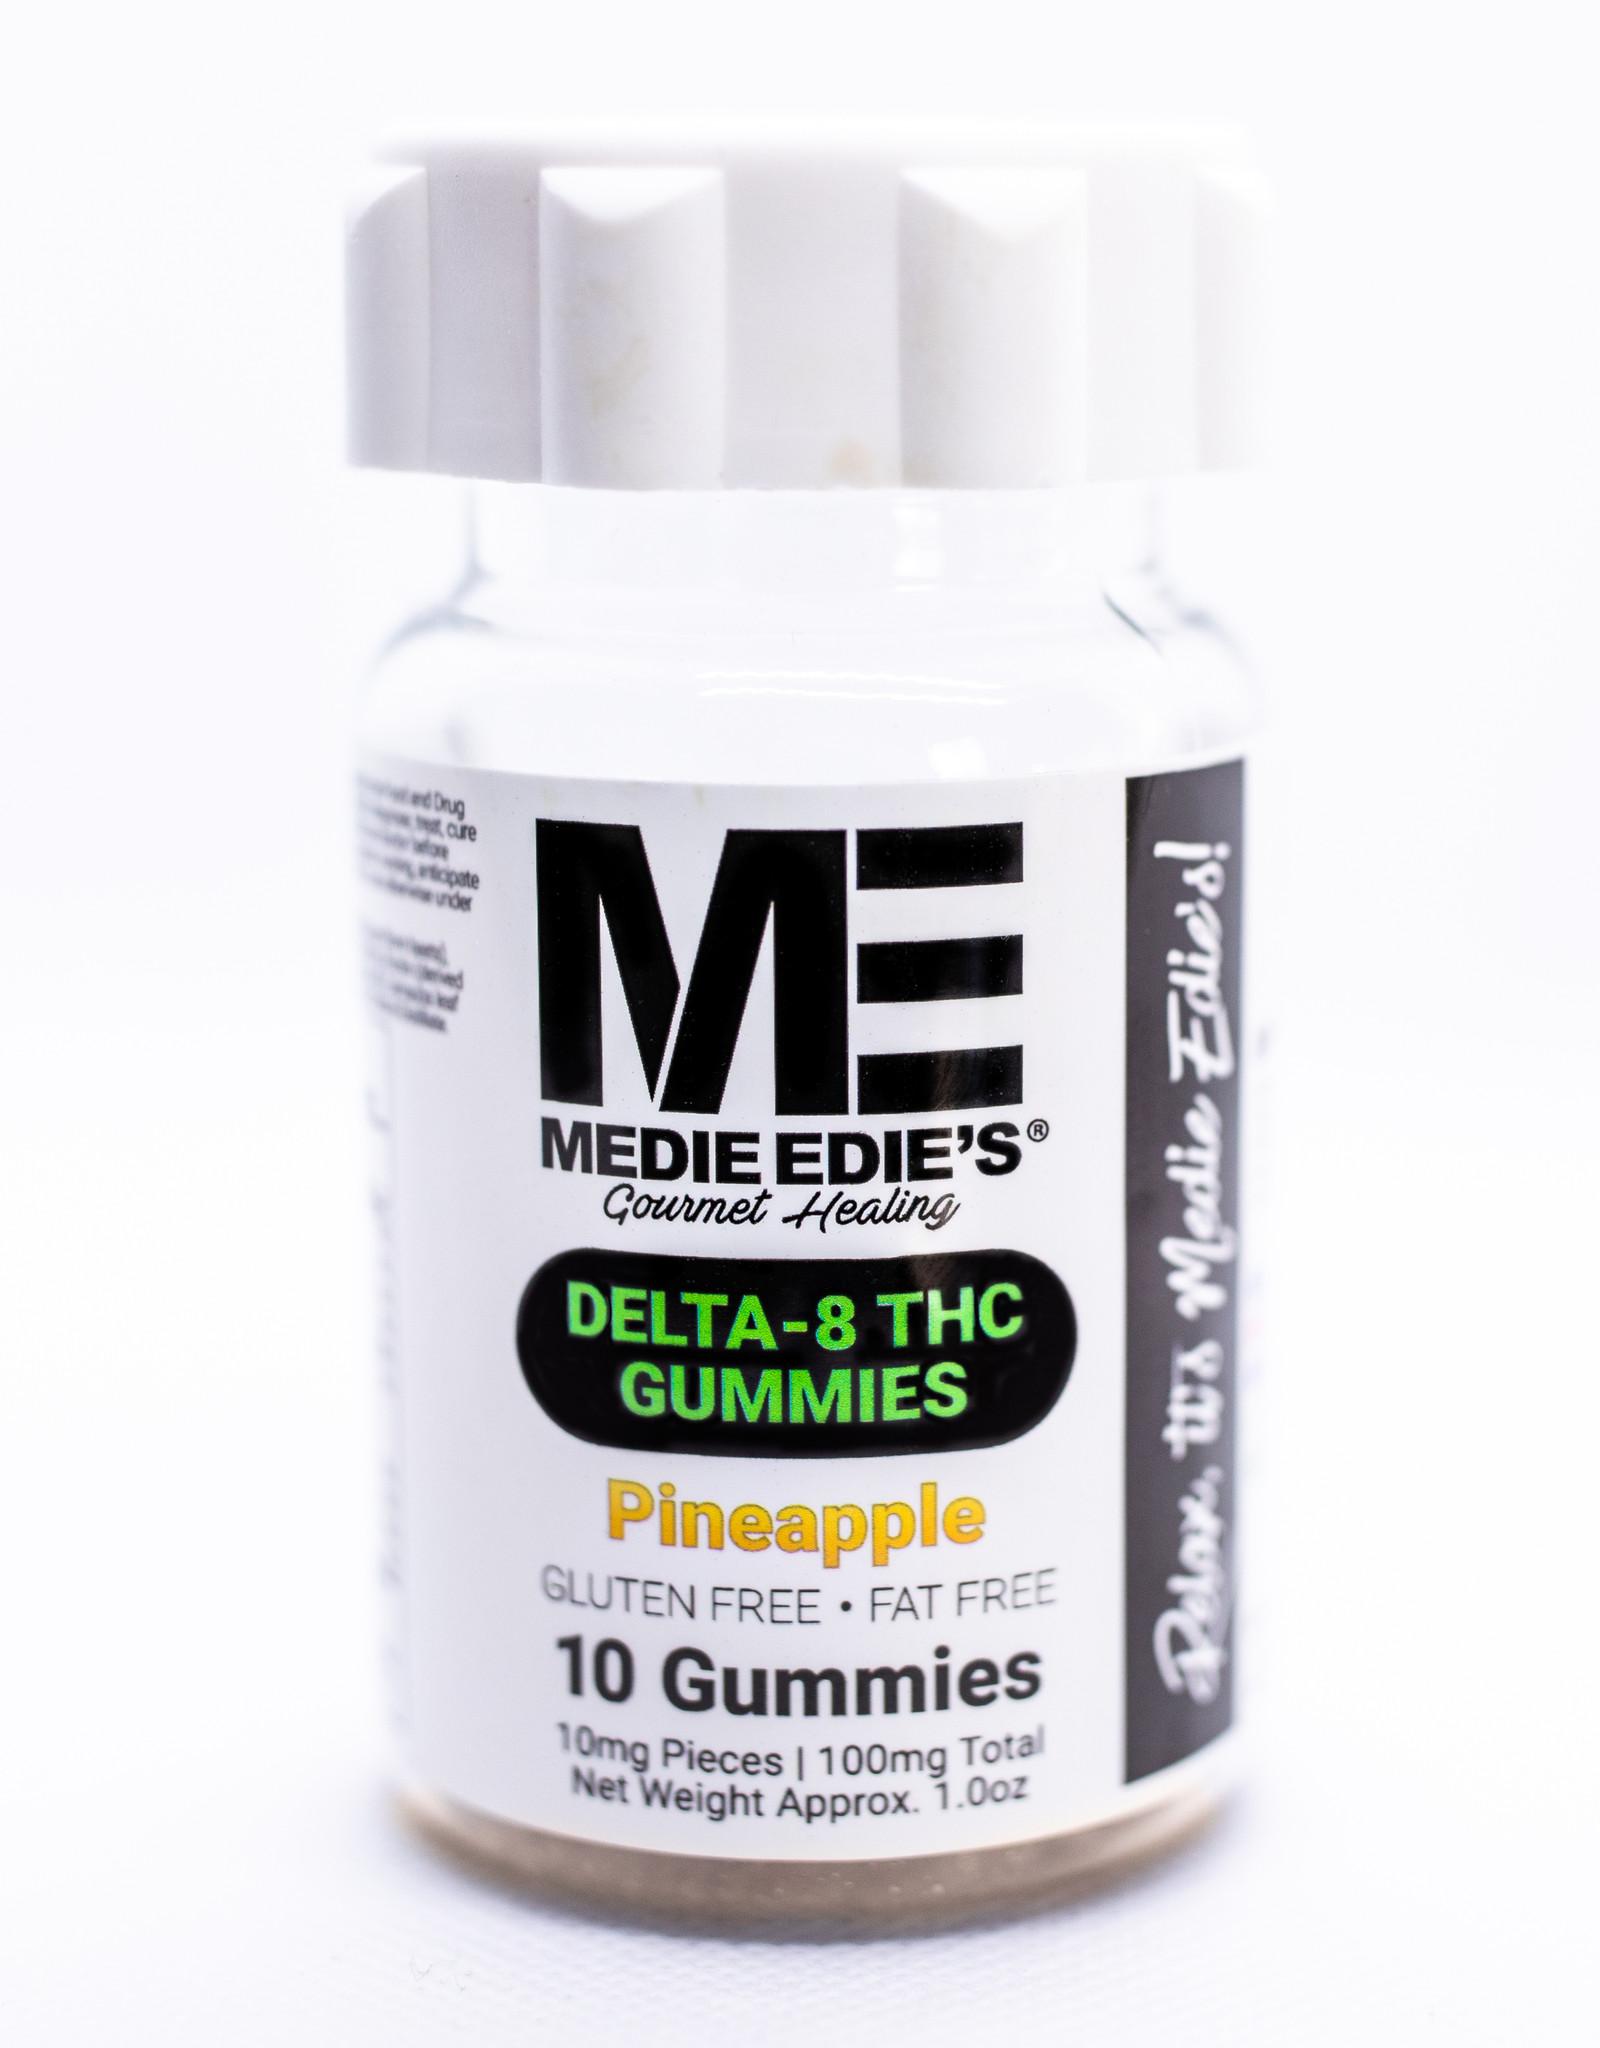 Medie Edie's Medie Edie's- Delta 8 THC Gummies- 10mg/100mg- Pineapple